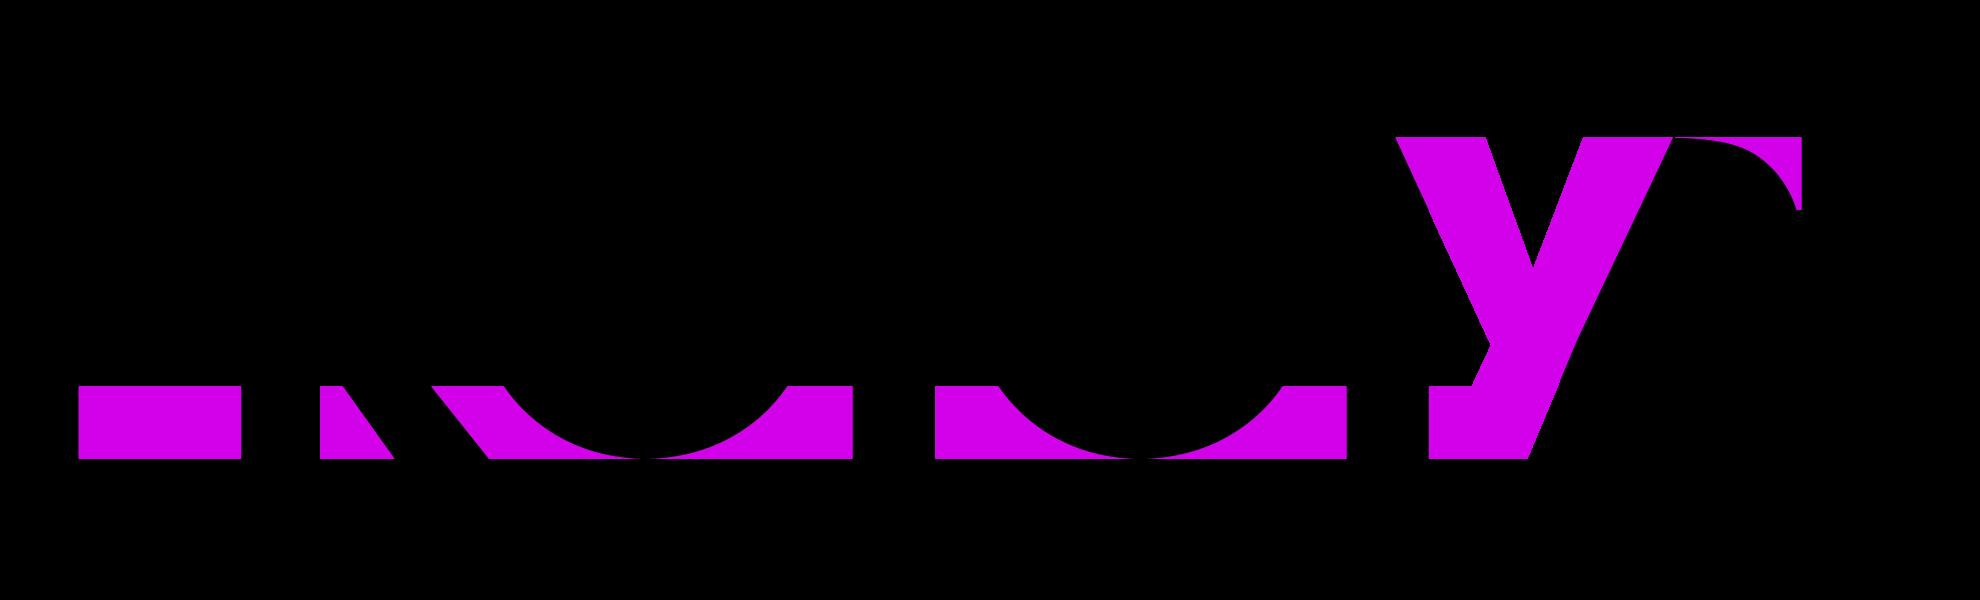 Programa de Estágio Jüssi - Prototype 2021